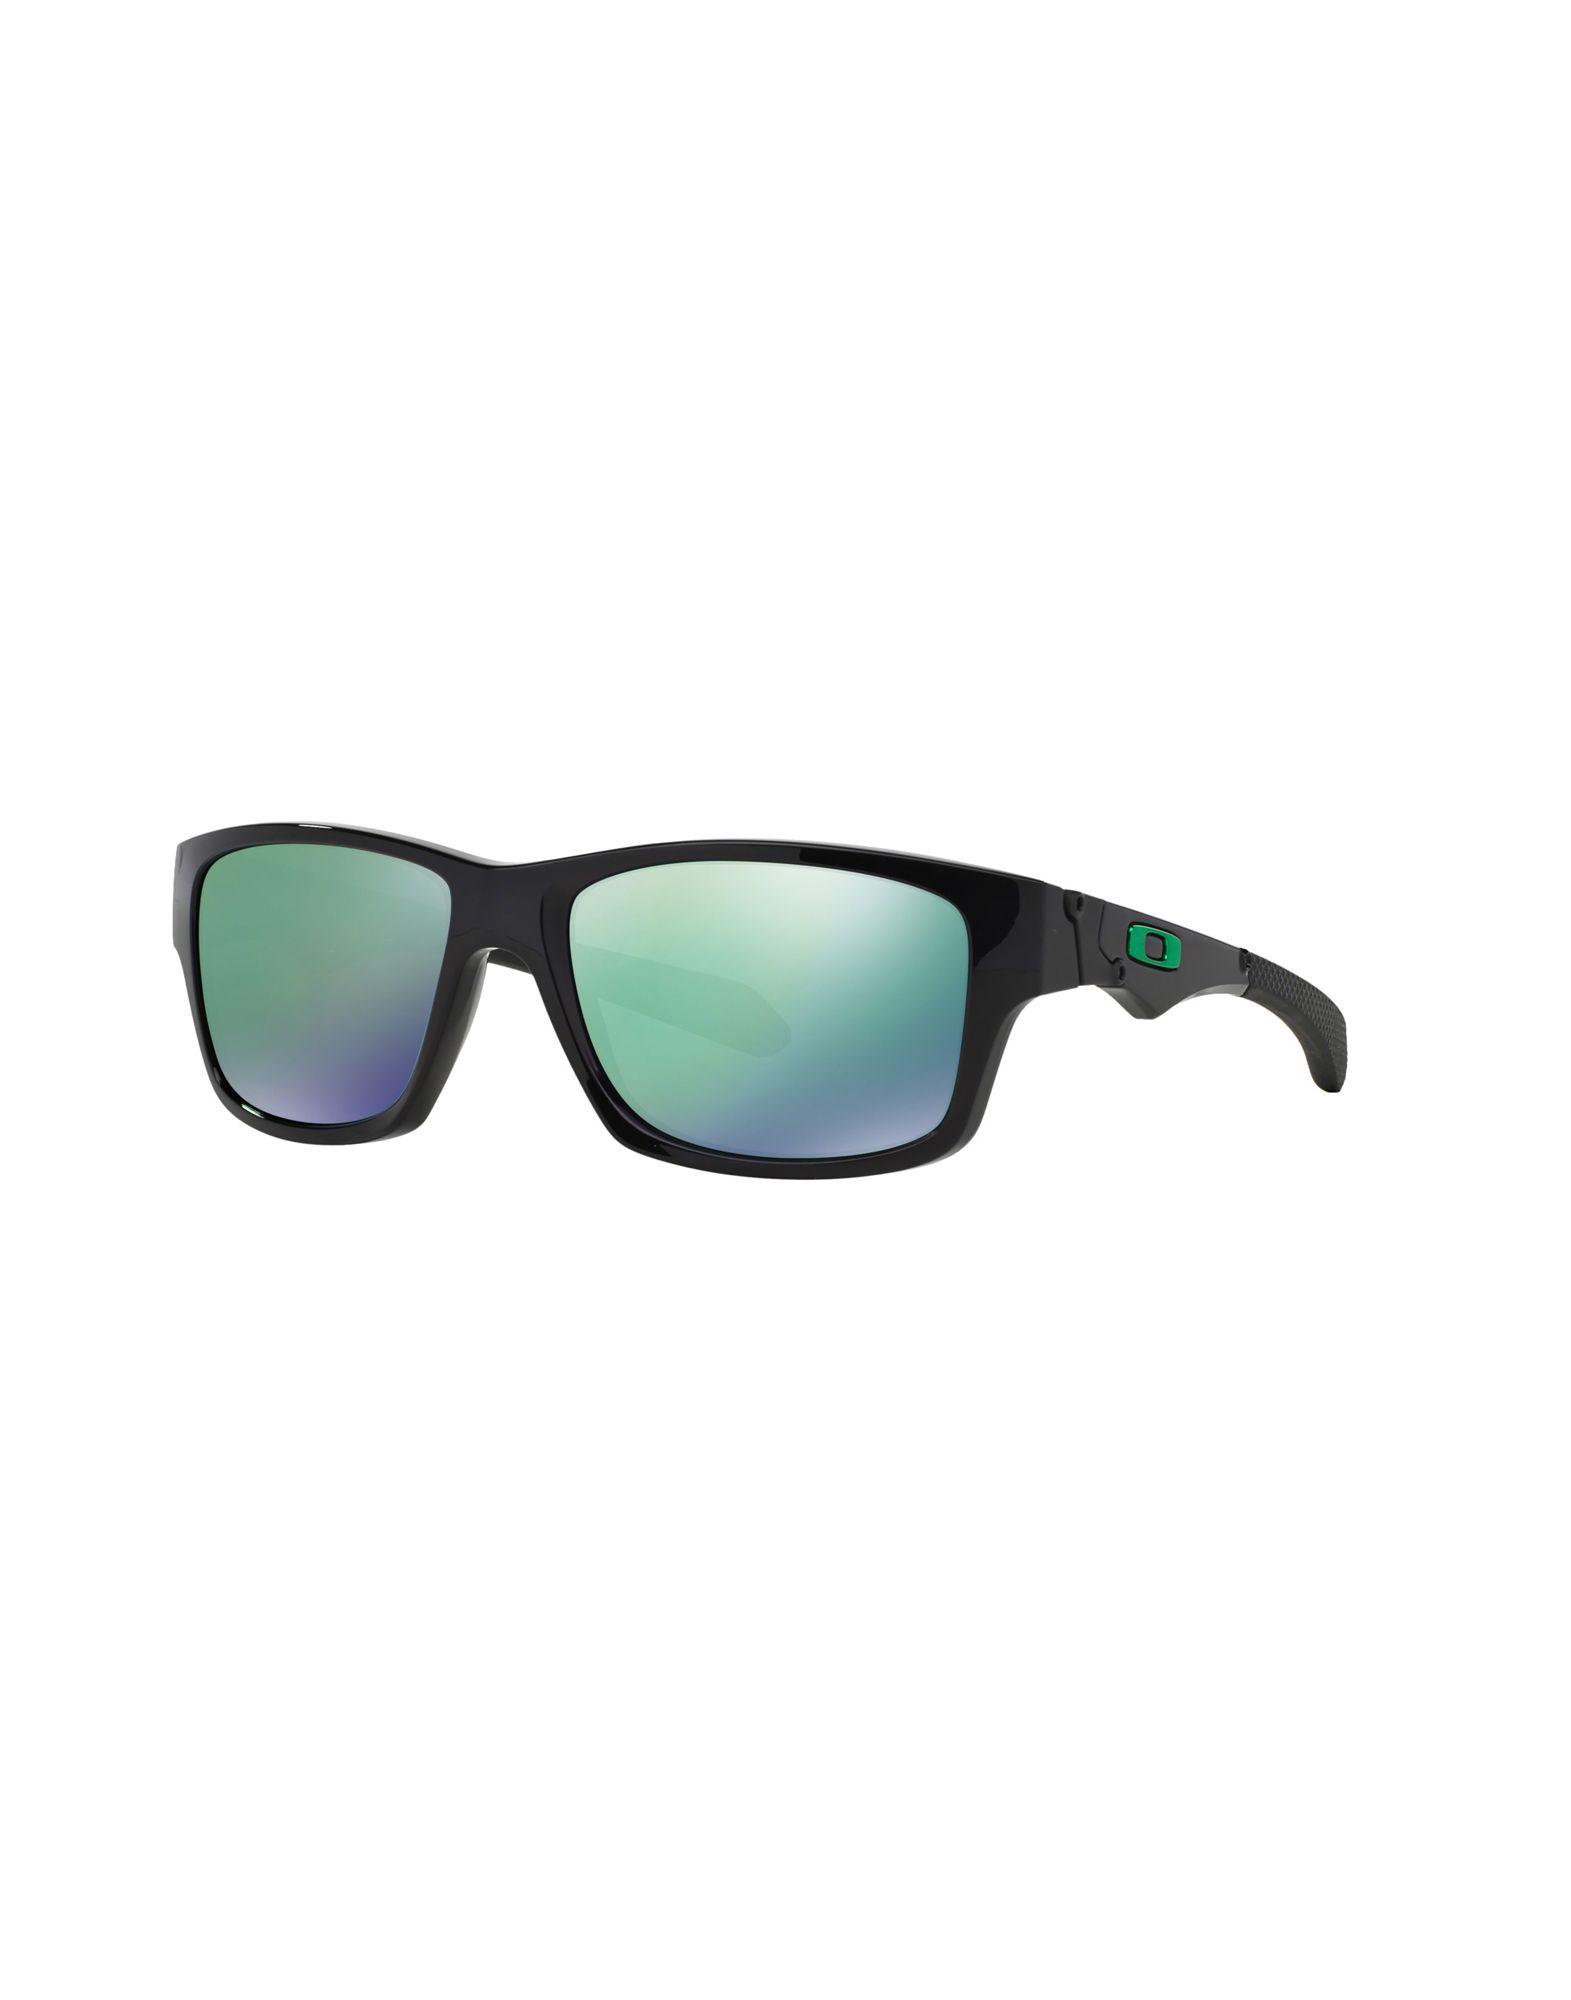 OAKLEY Unisex Sonnenbrille Farbe Schwarz Größe 1 jetztbilligerkaufen